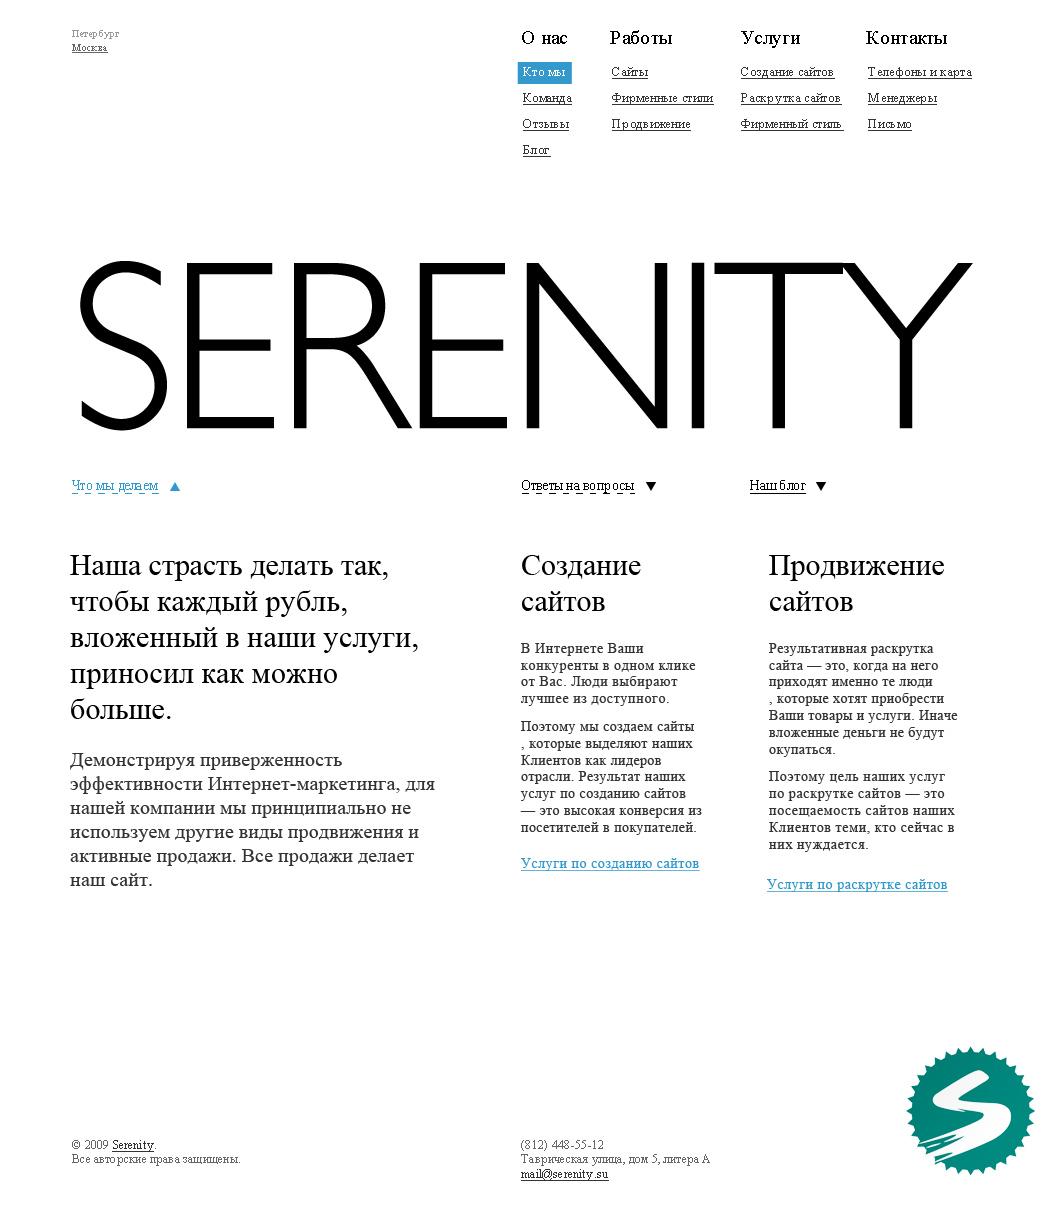 """Сайт компании """"Serenity"""", где я работала 4 года"""